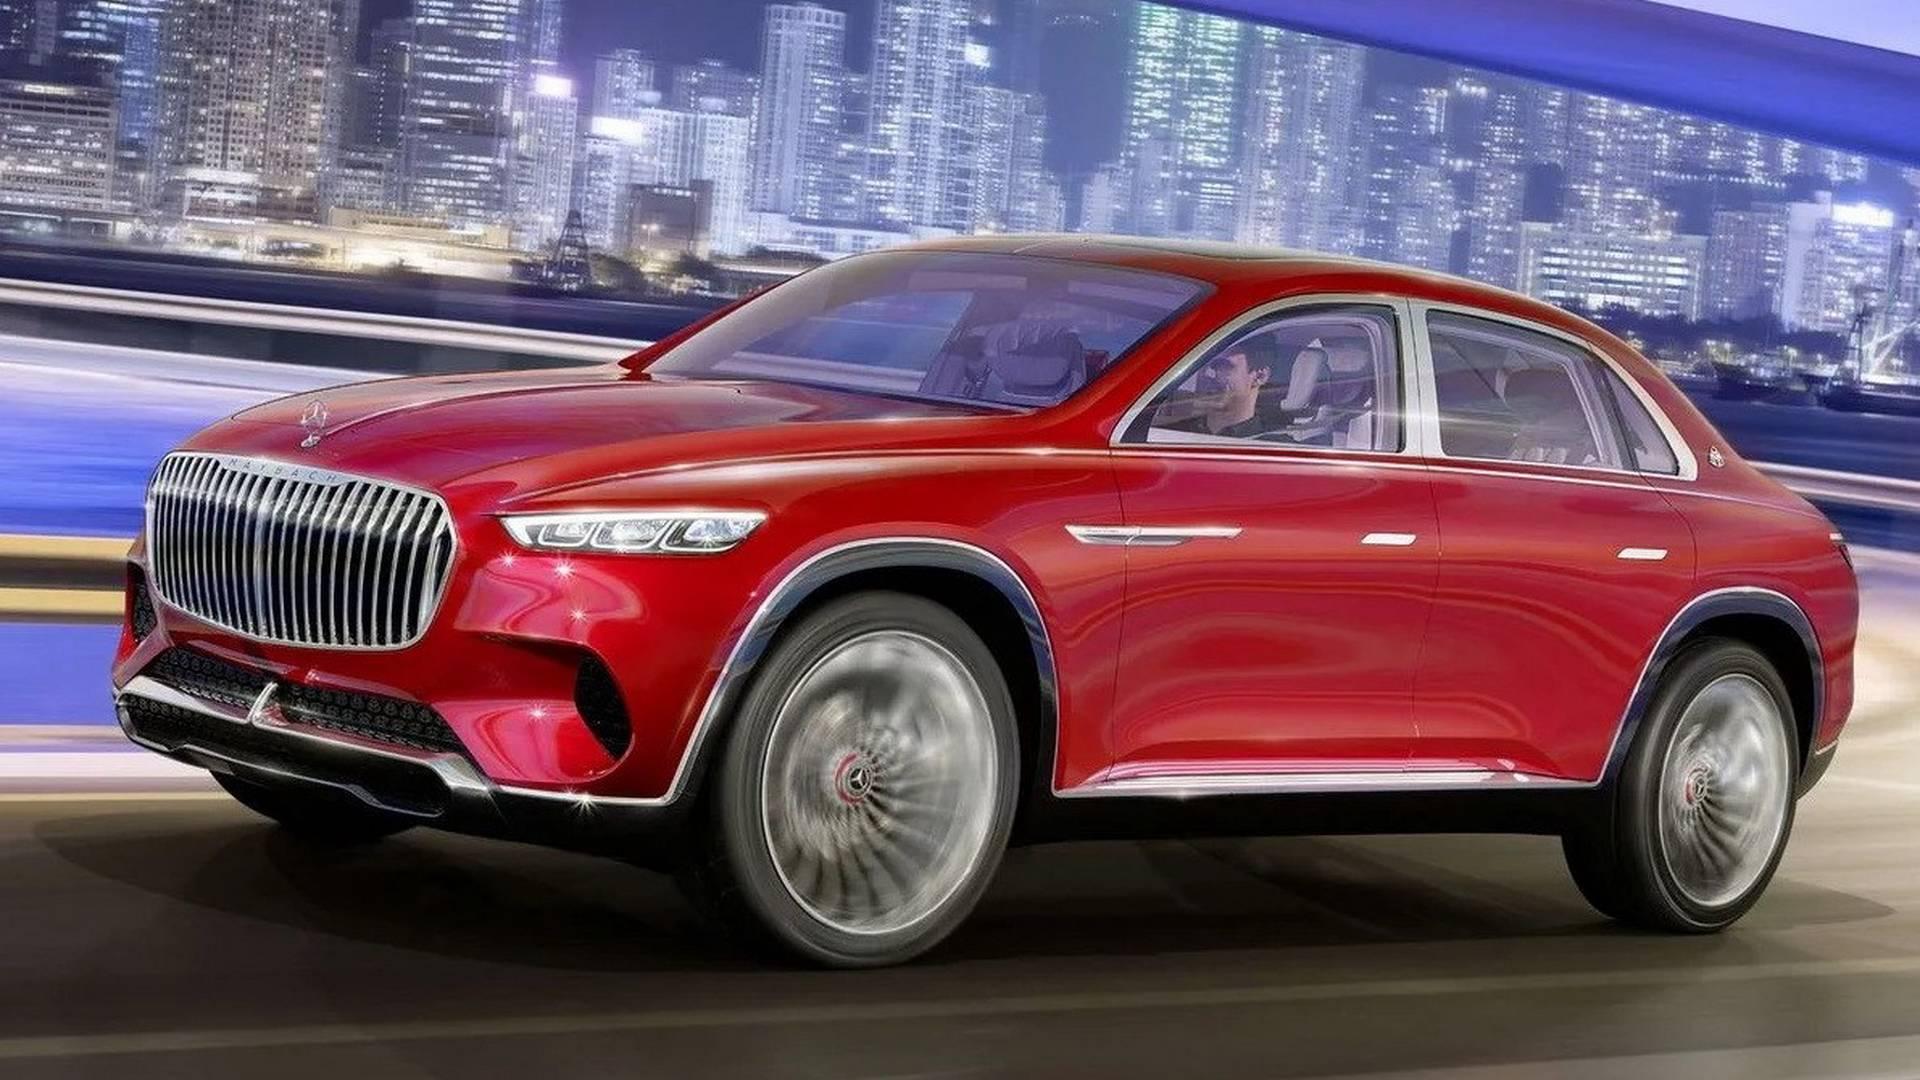 Кроссовер Mercedes-Maybach: четыре электромотора, голосовое управление и«золотые» кресла